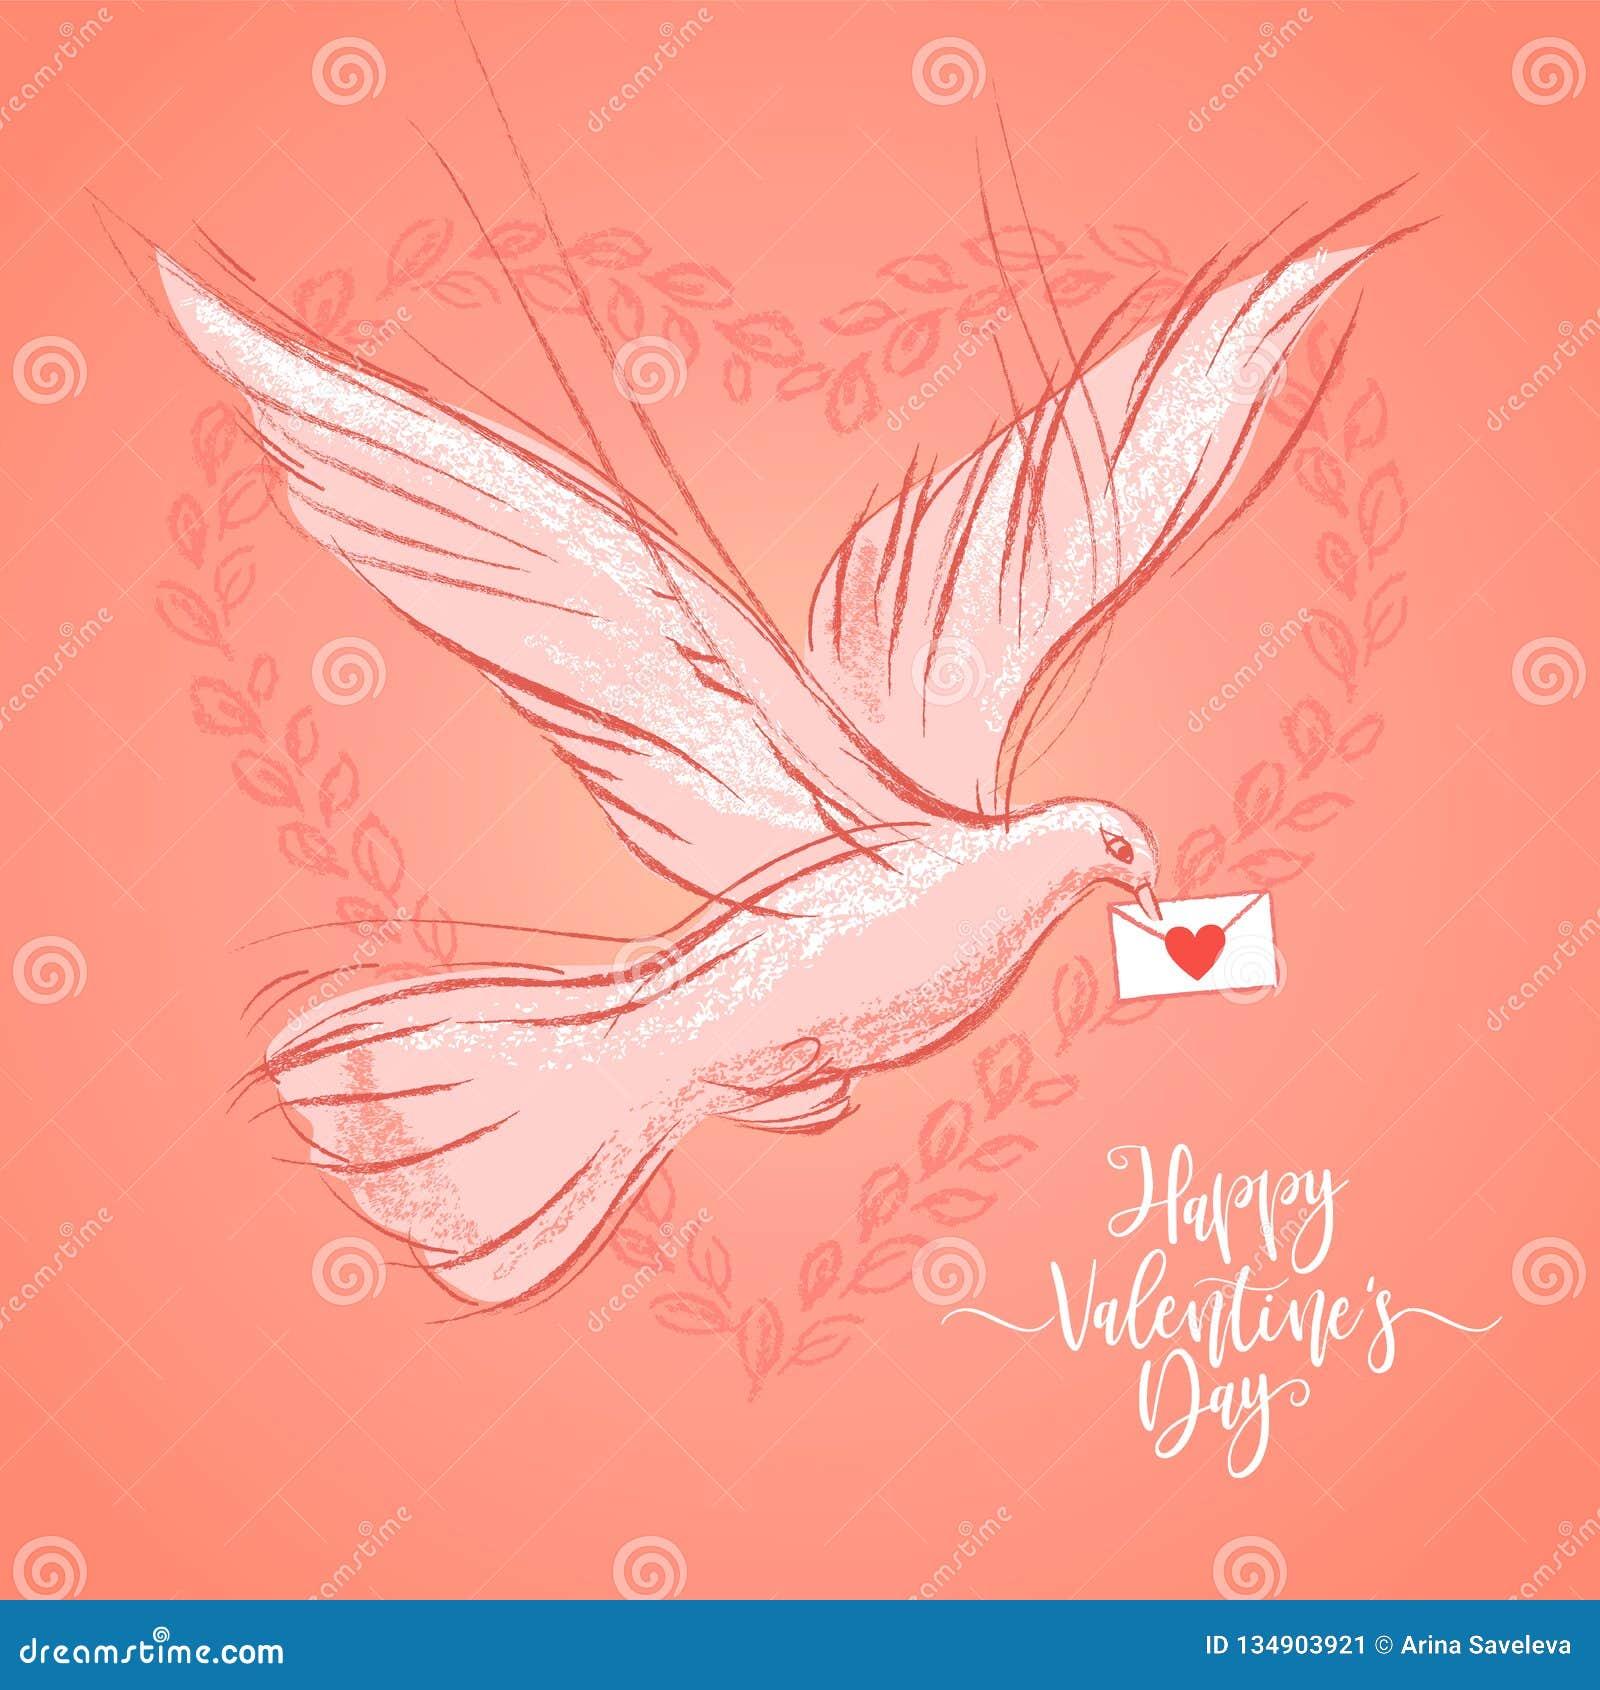 Valentinsgruß-Tagespostkarte mit Taube auf korallenrotem Farbhintergrund Vektorillustration, Gestaltungselement für Glückwunsch